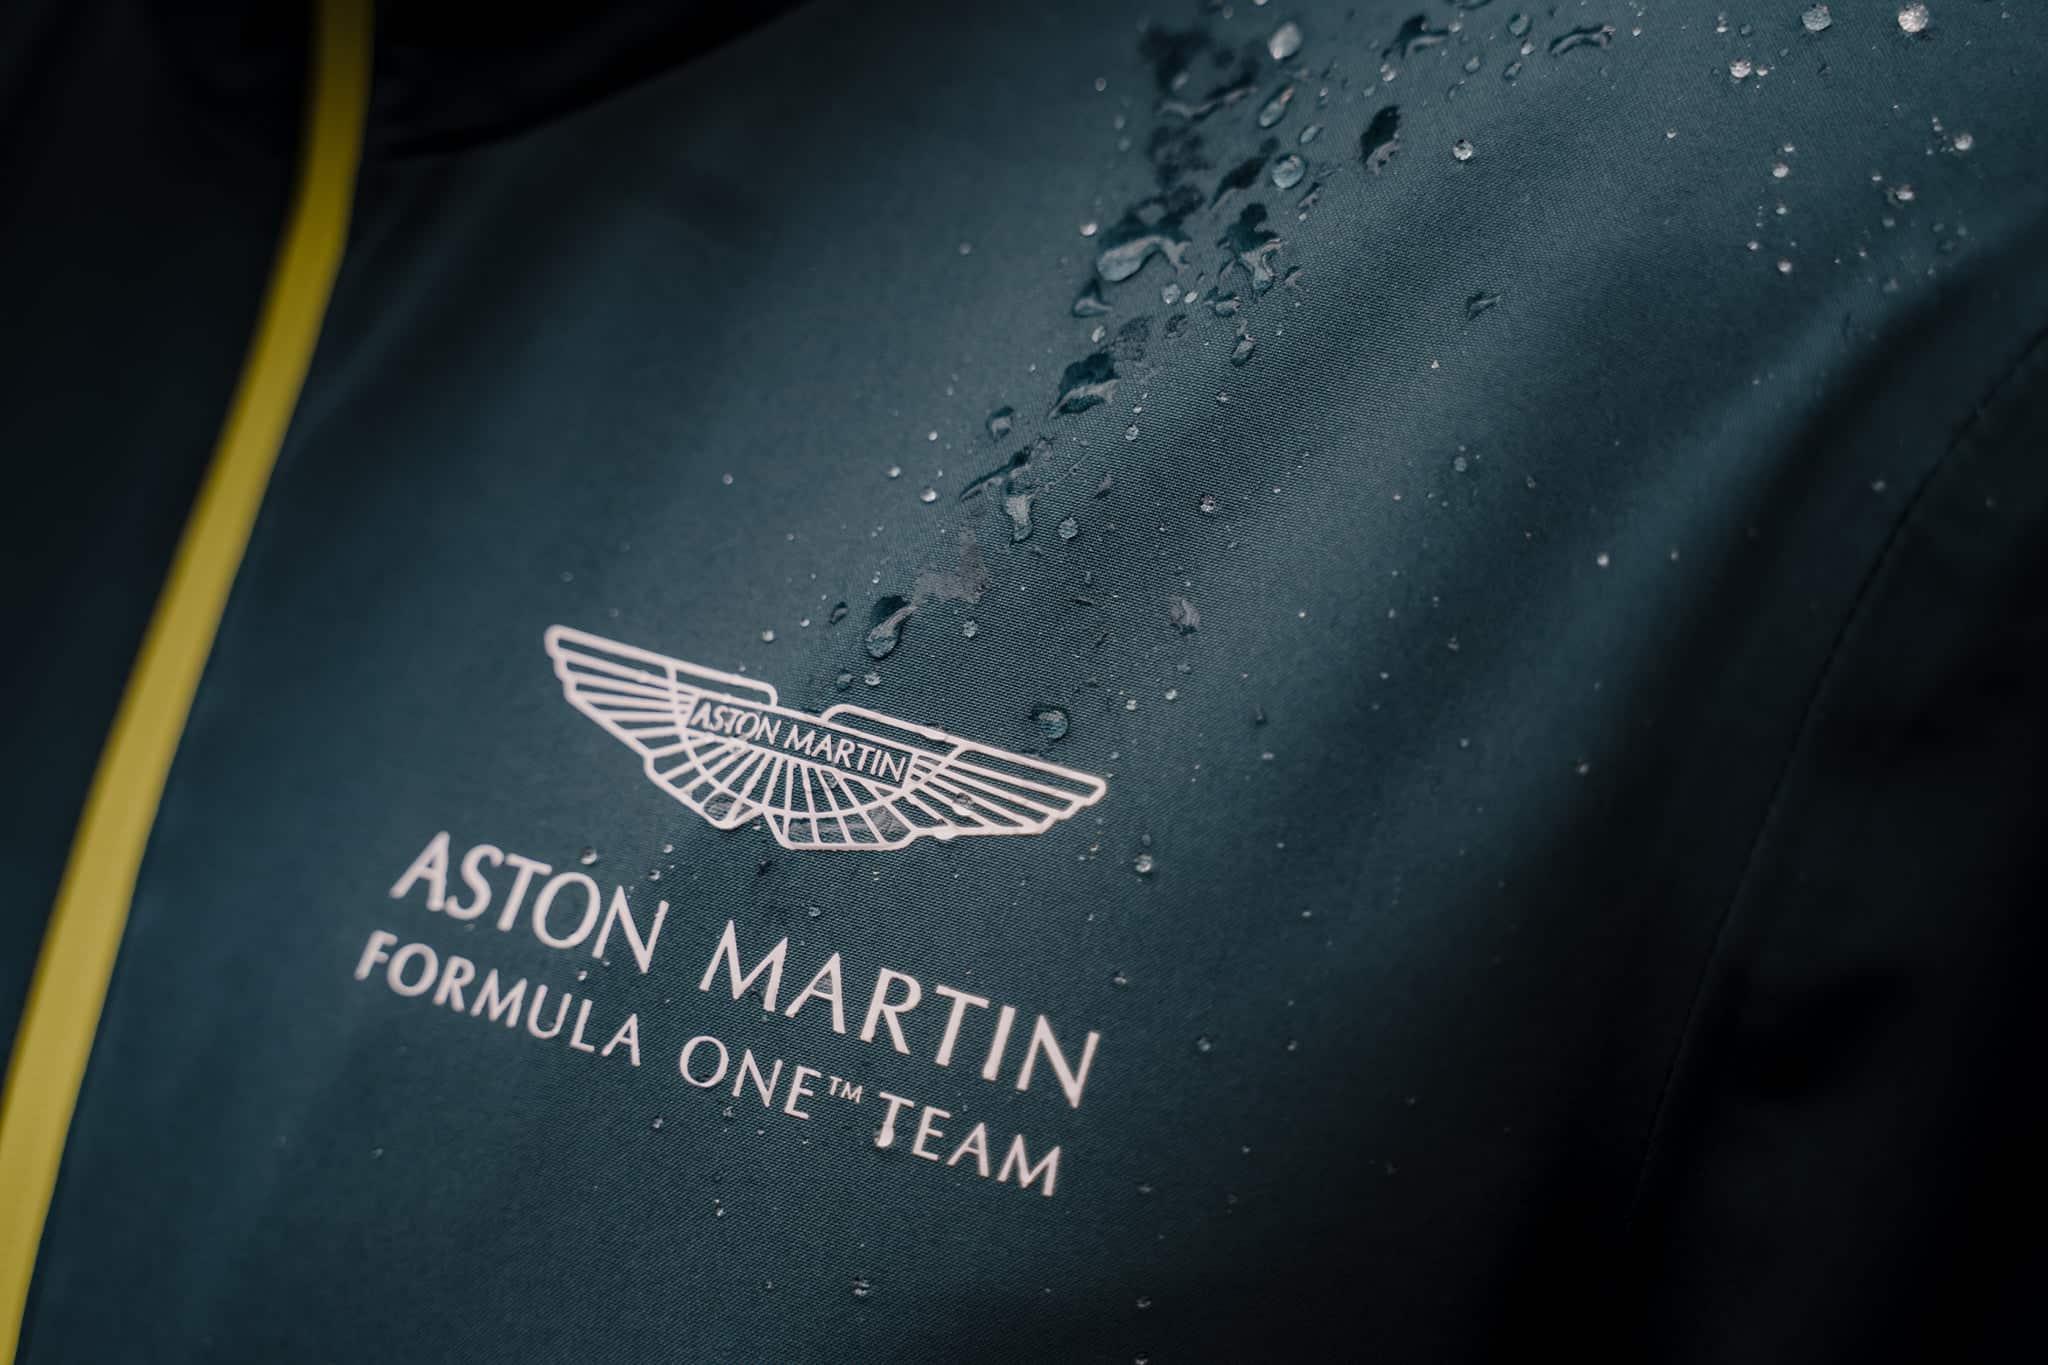 Aston Martin F1 anuncia fecha para presentar su nuevo monoplaza 2021